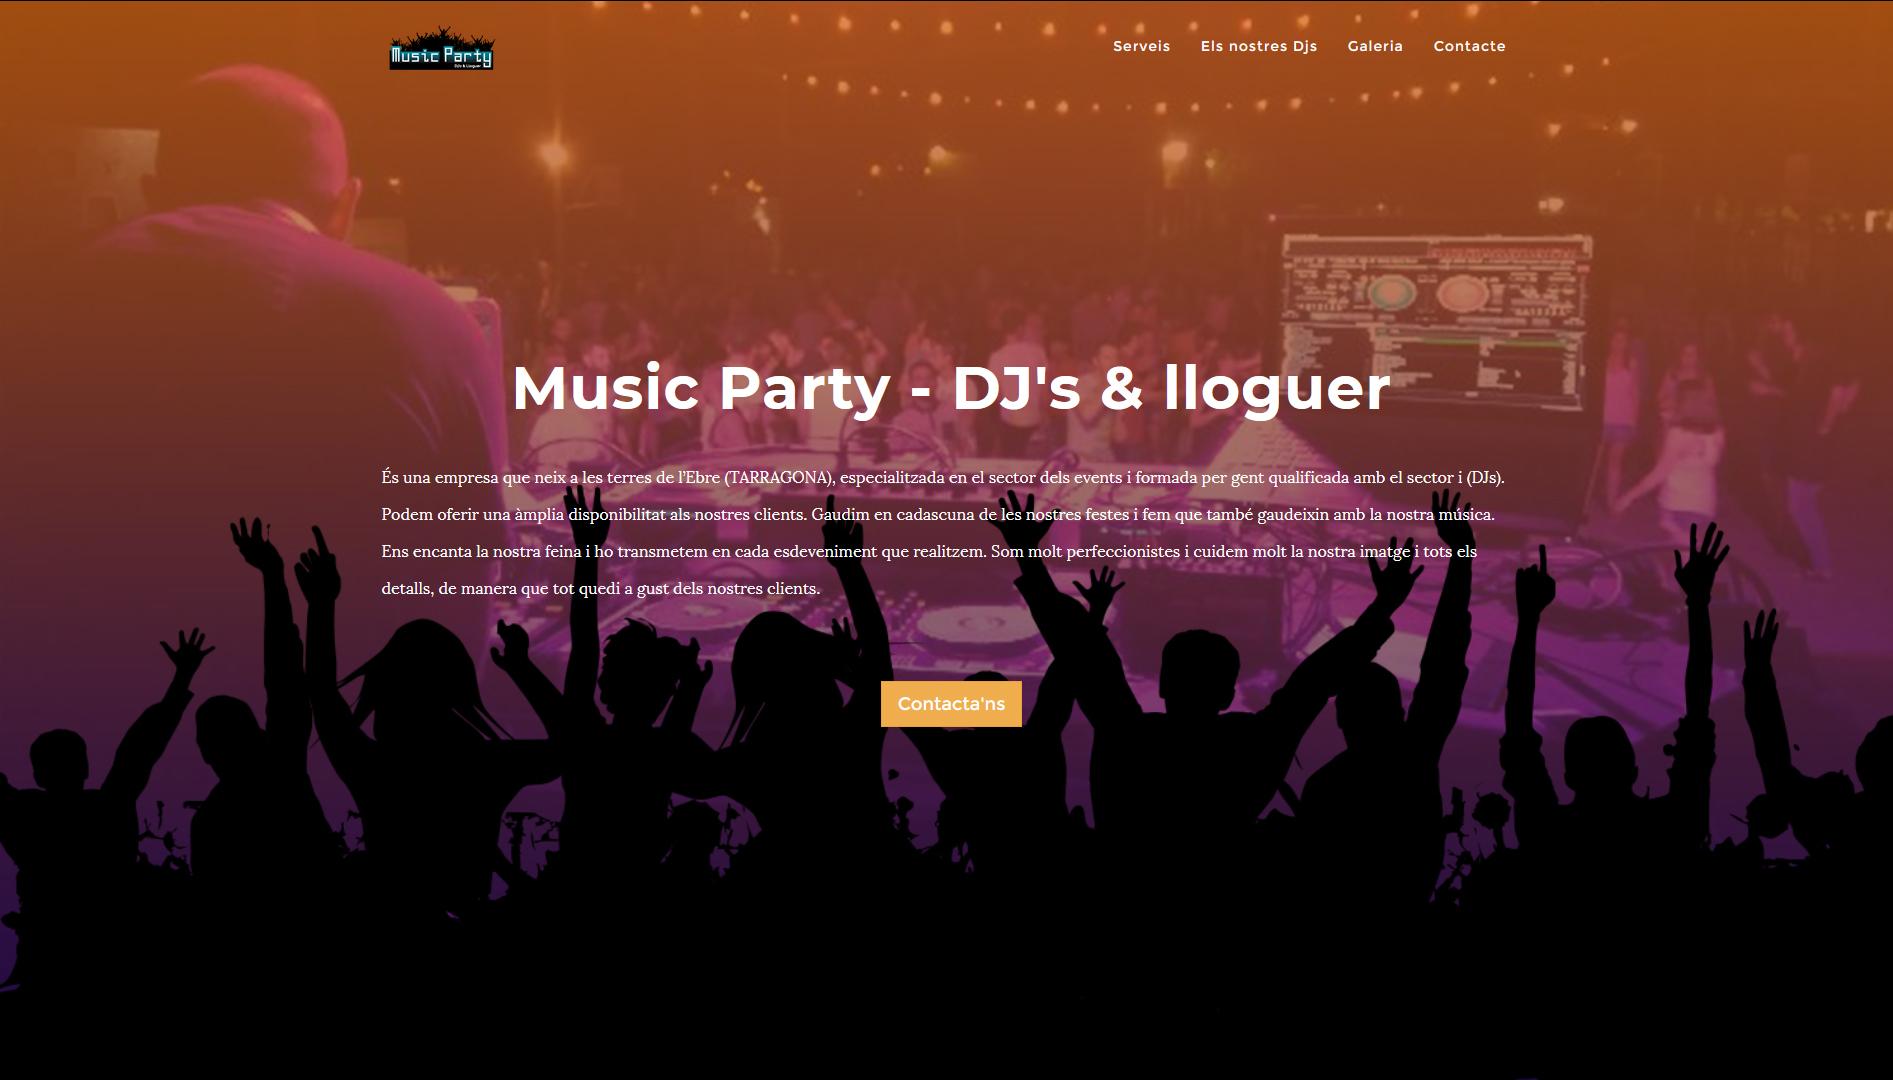 Music Party - Djs & Lloguer